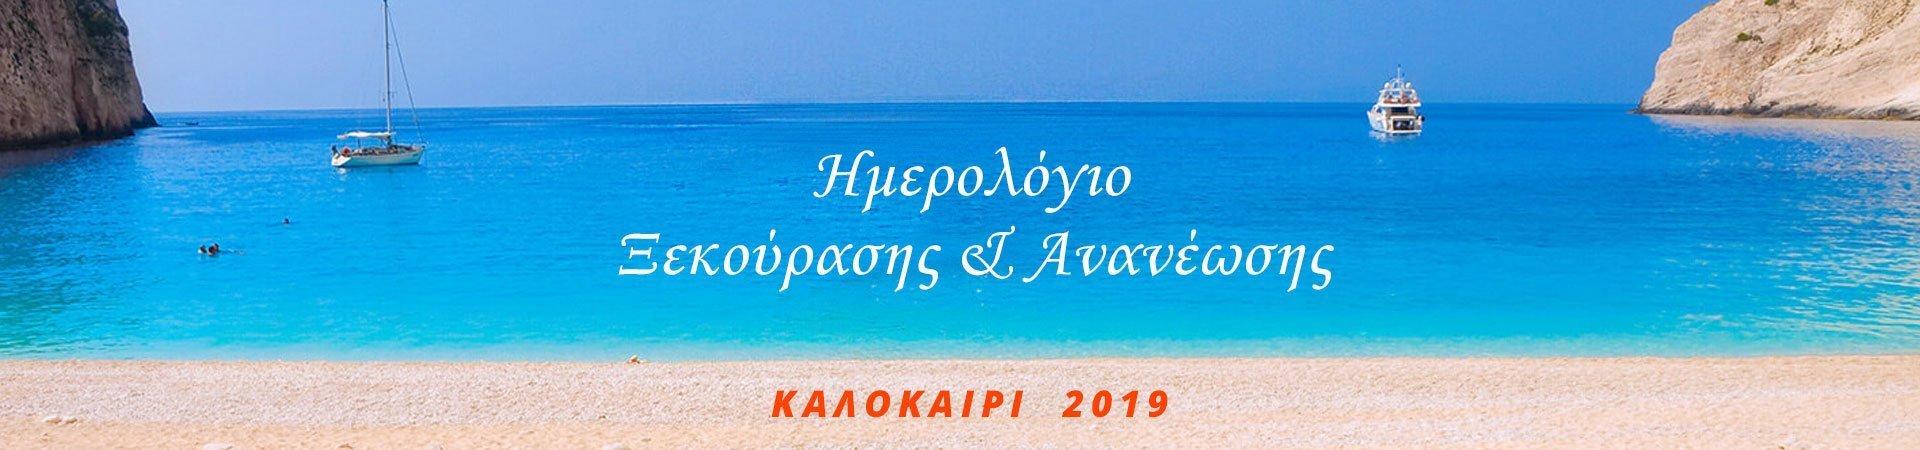 Ημερολόγιο Διακοπών 2019